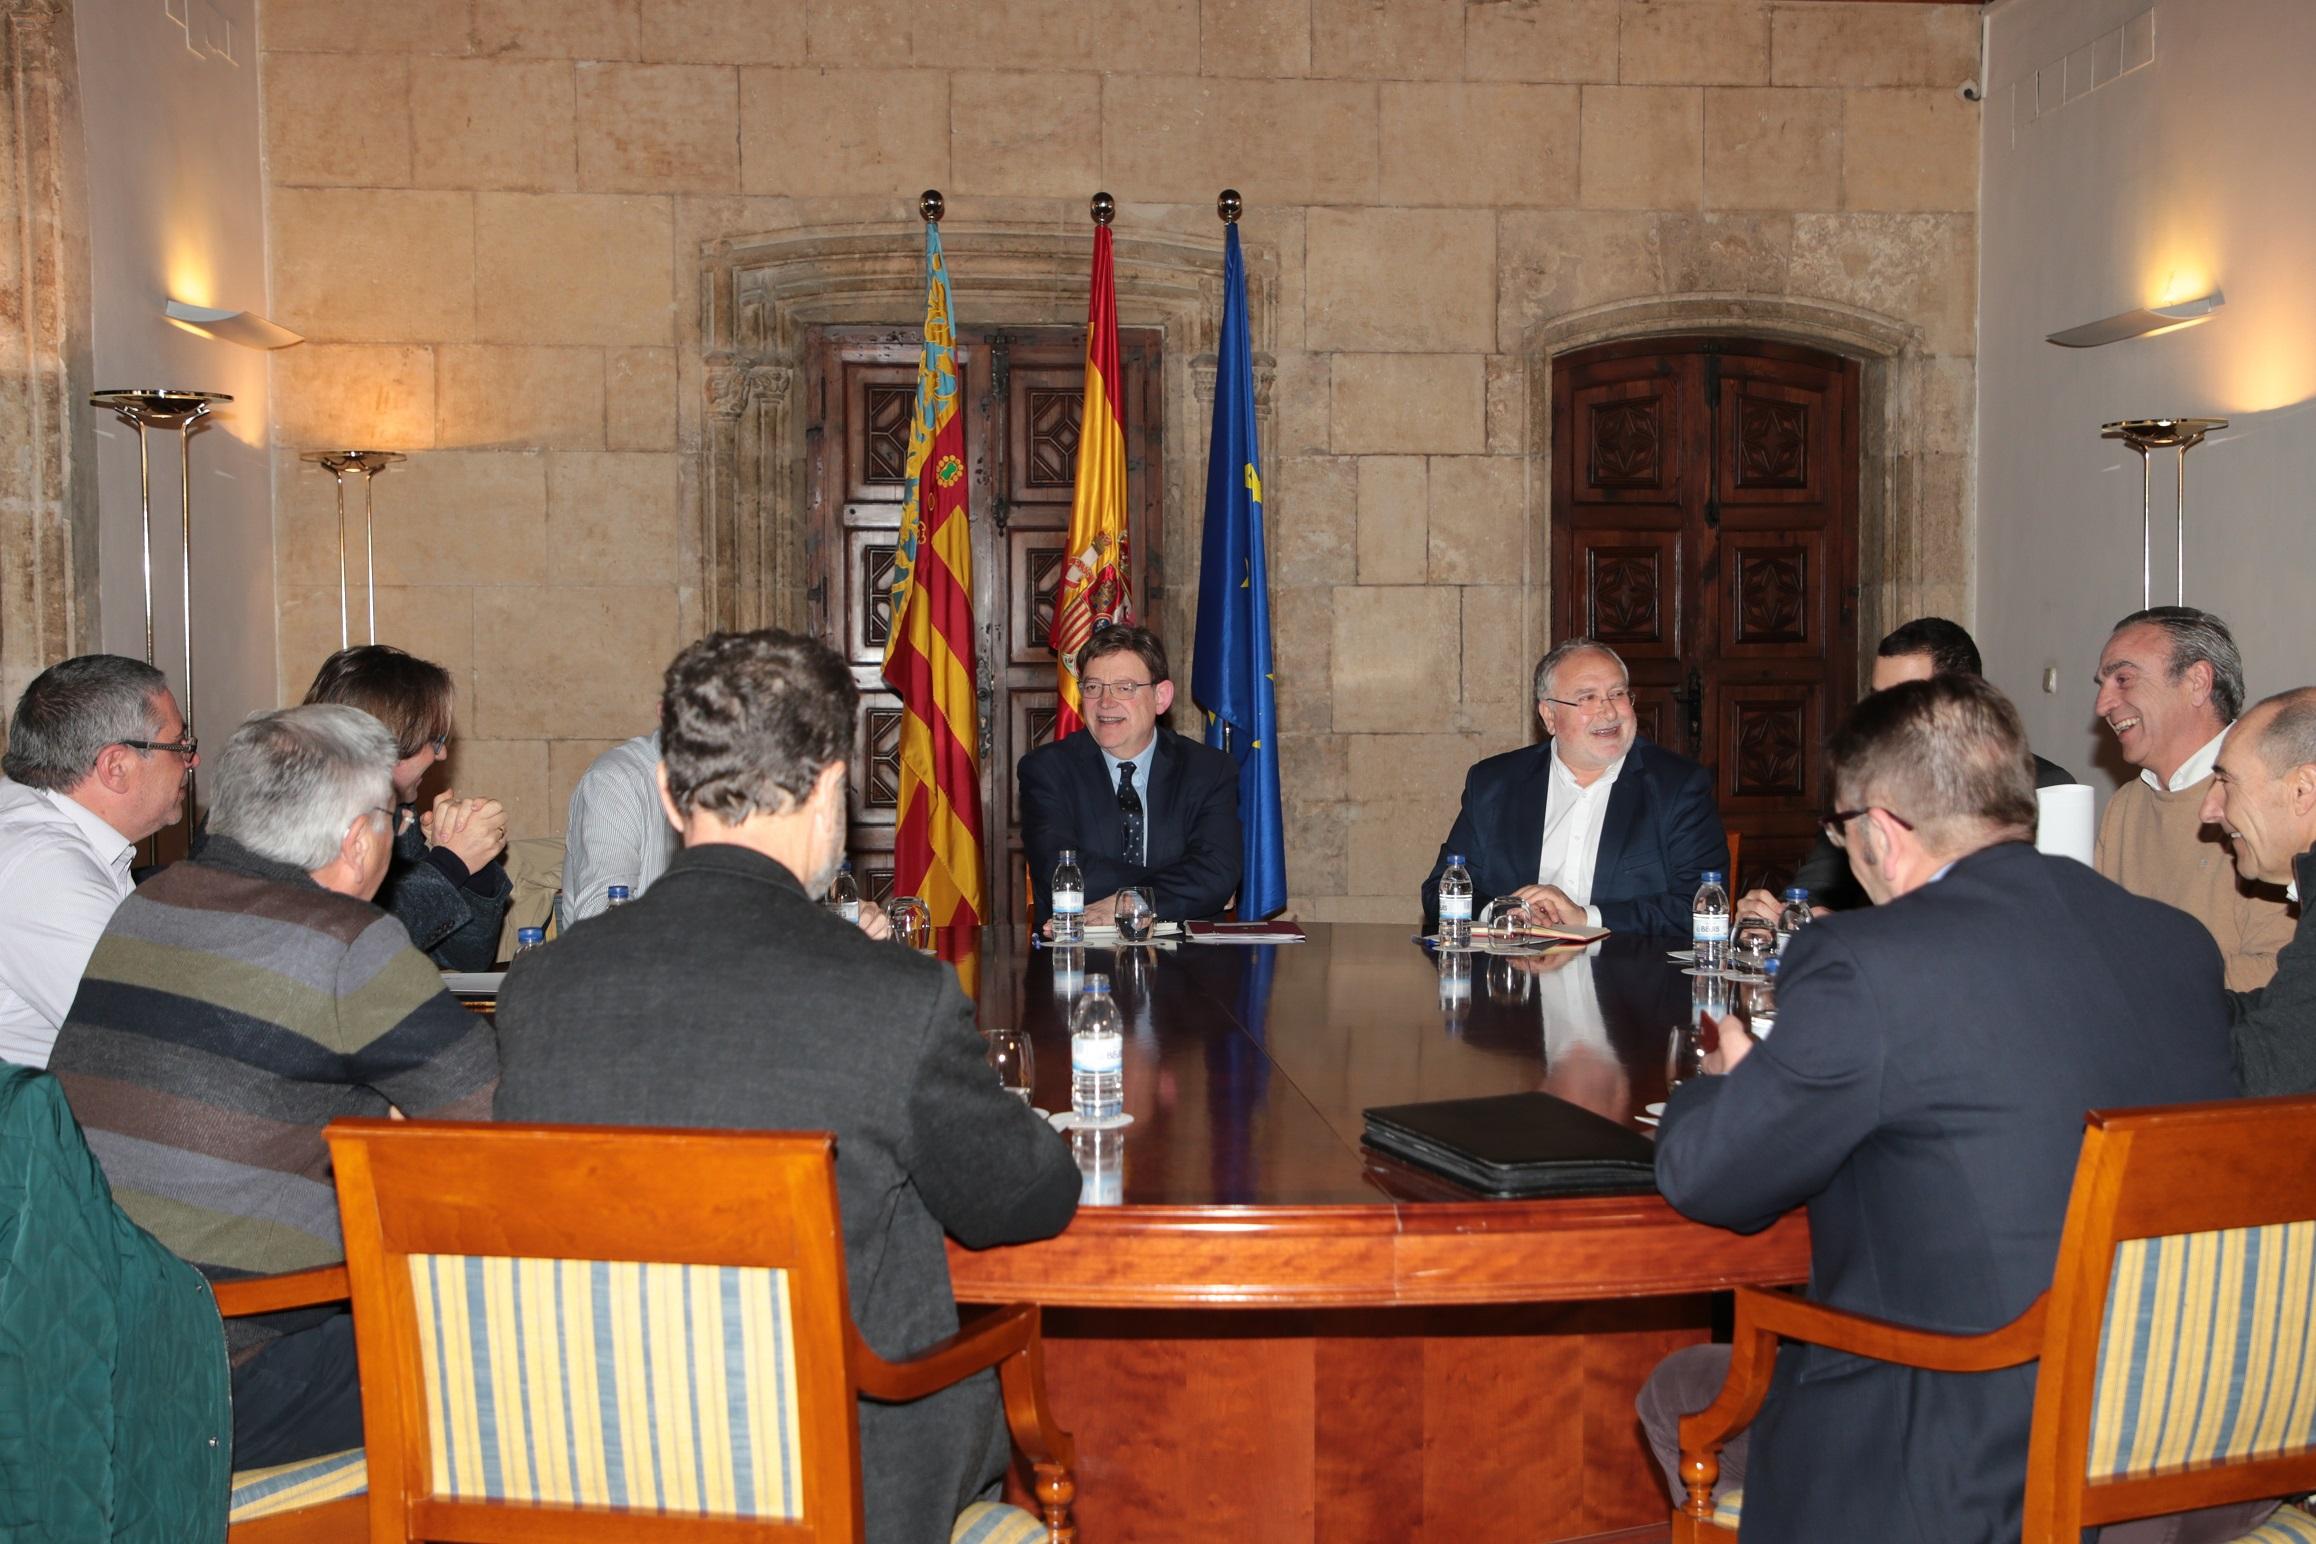 El President Ximo Puig se ha reunido con alcaldes de la comarca del Valle de Ayora-Cofrentes.